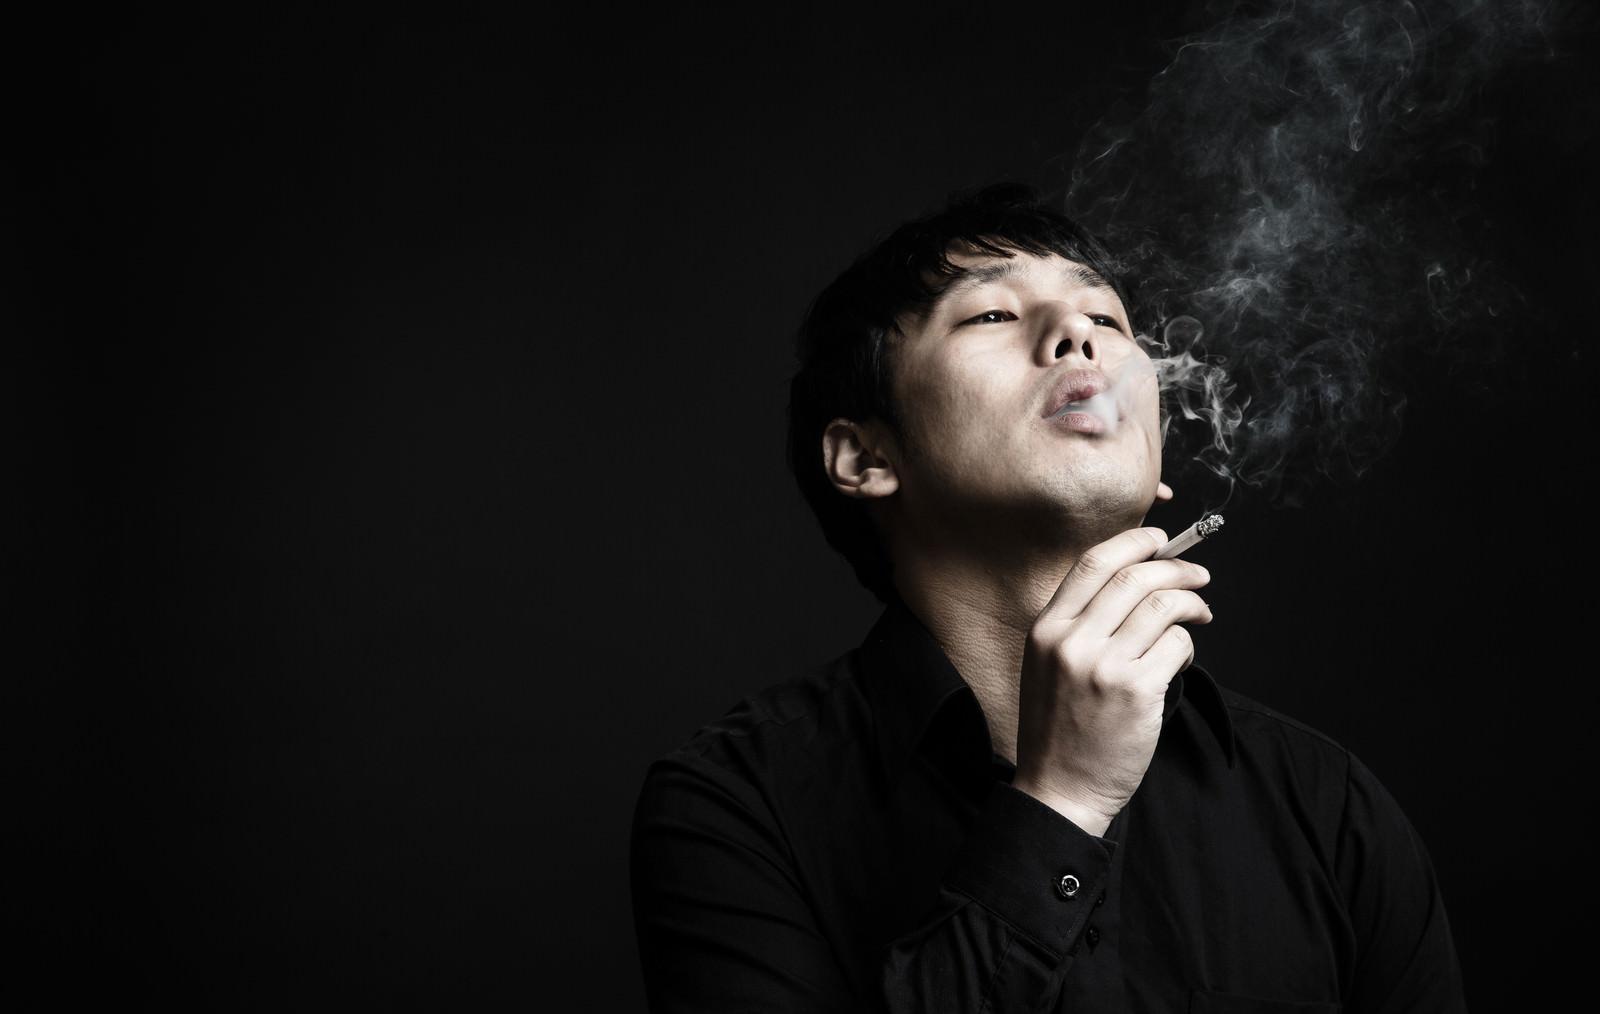 「マナーの悪い喫煙者マナーの悪い喫煙者」[モデル:大川竜弥]のフリー写真素材を拡大